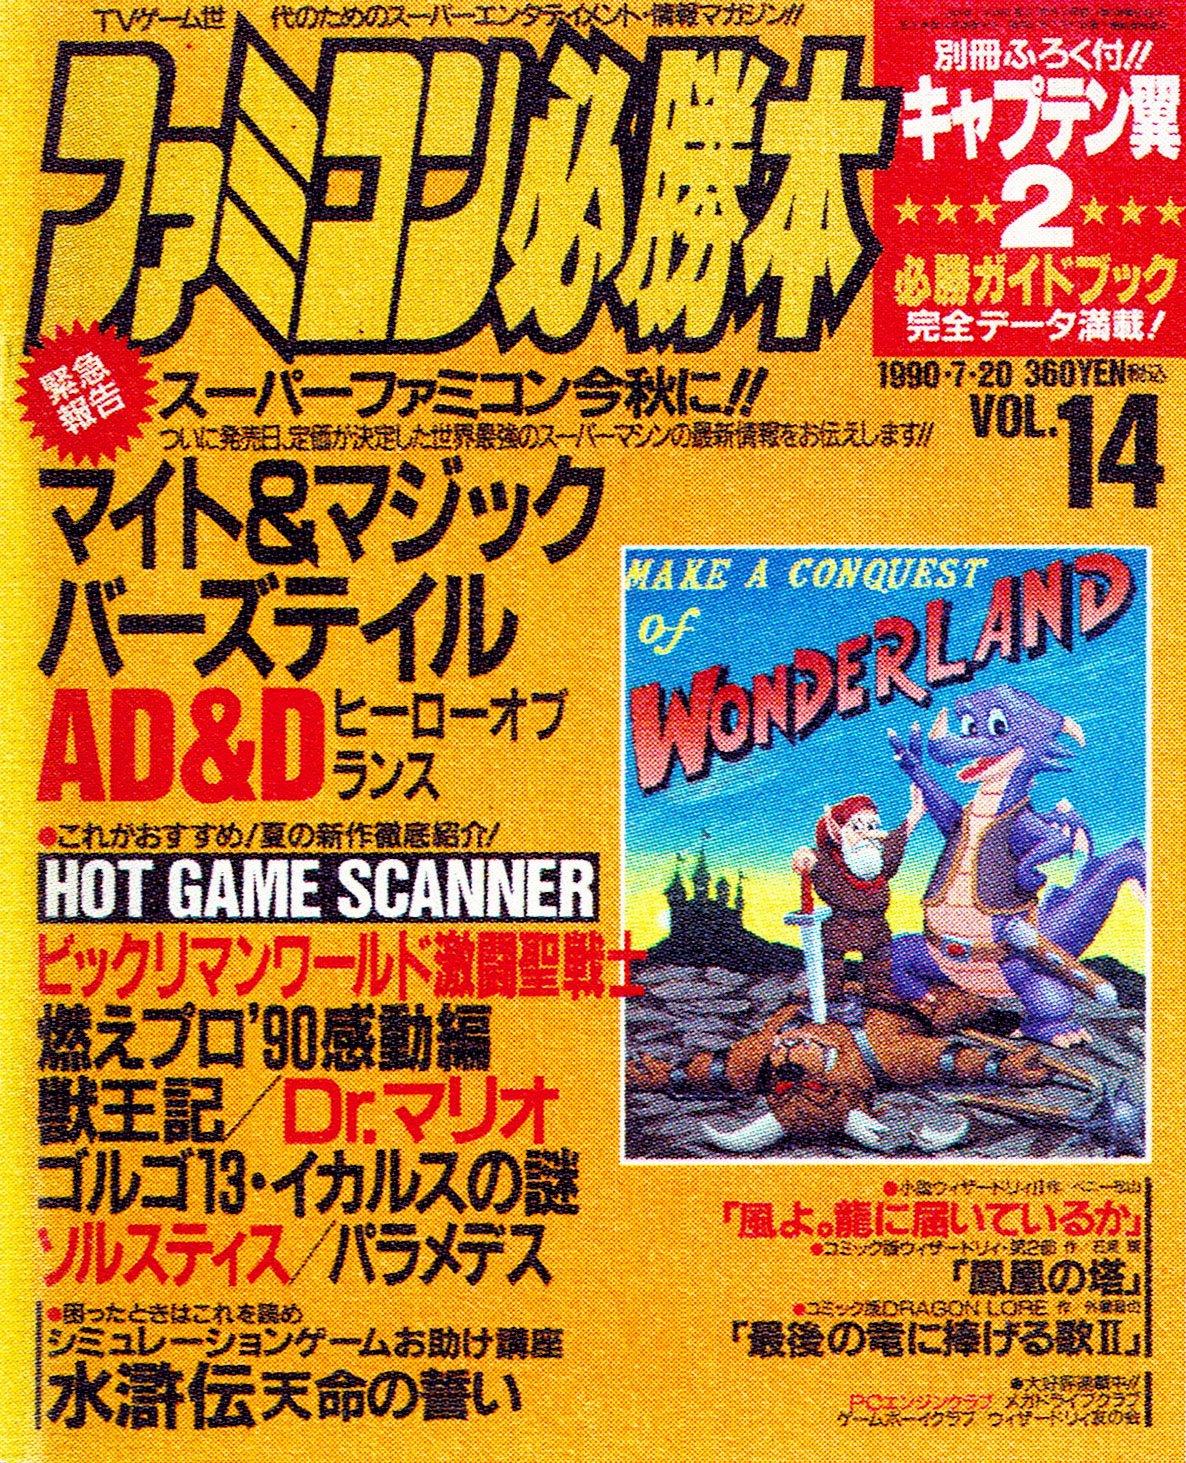 Famicom Hisshoubon Issue 099 (July 20, 1990)